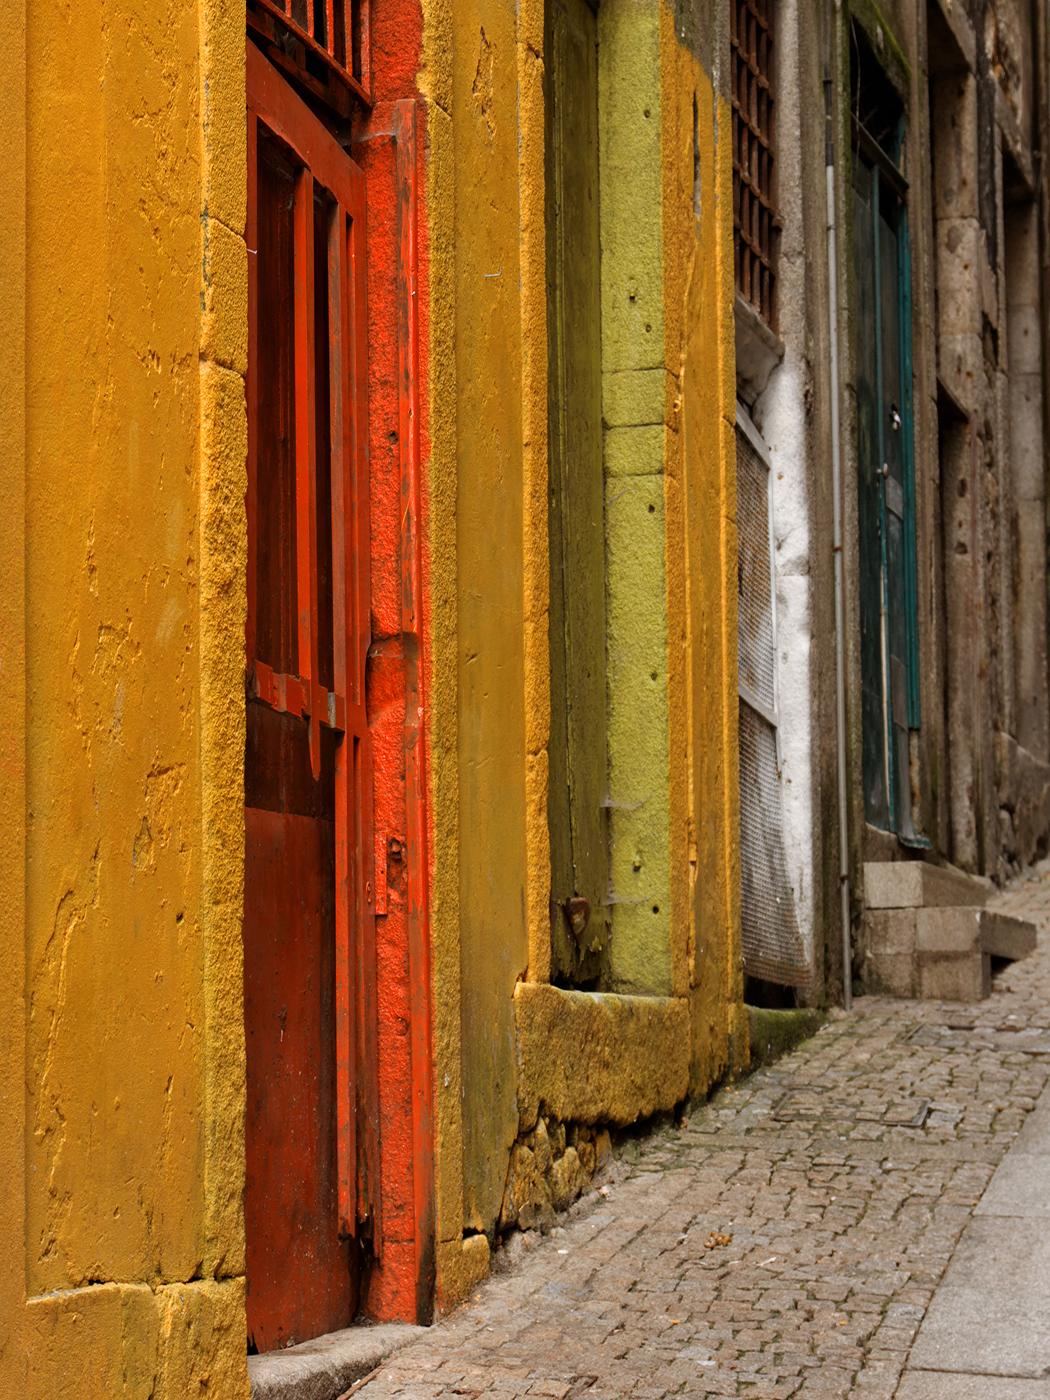 PORTO DOORS by Ray Mengham